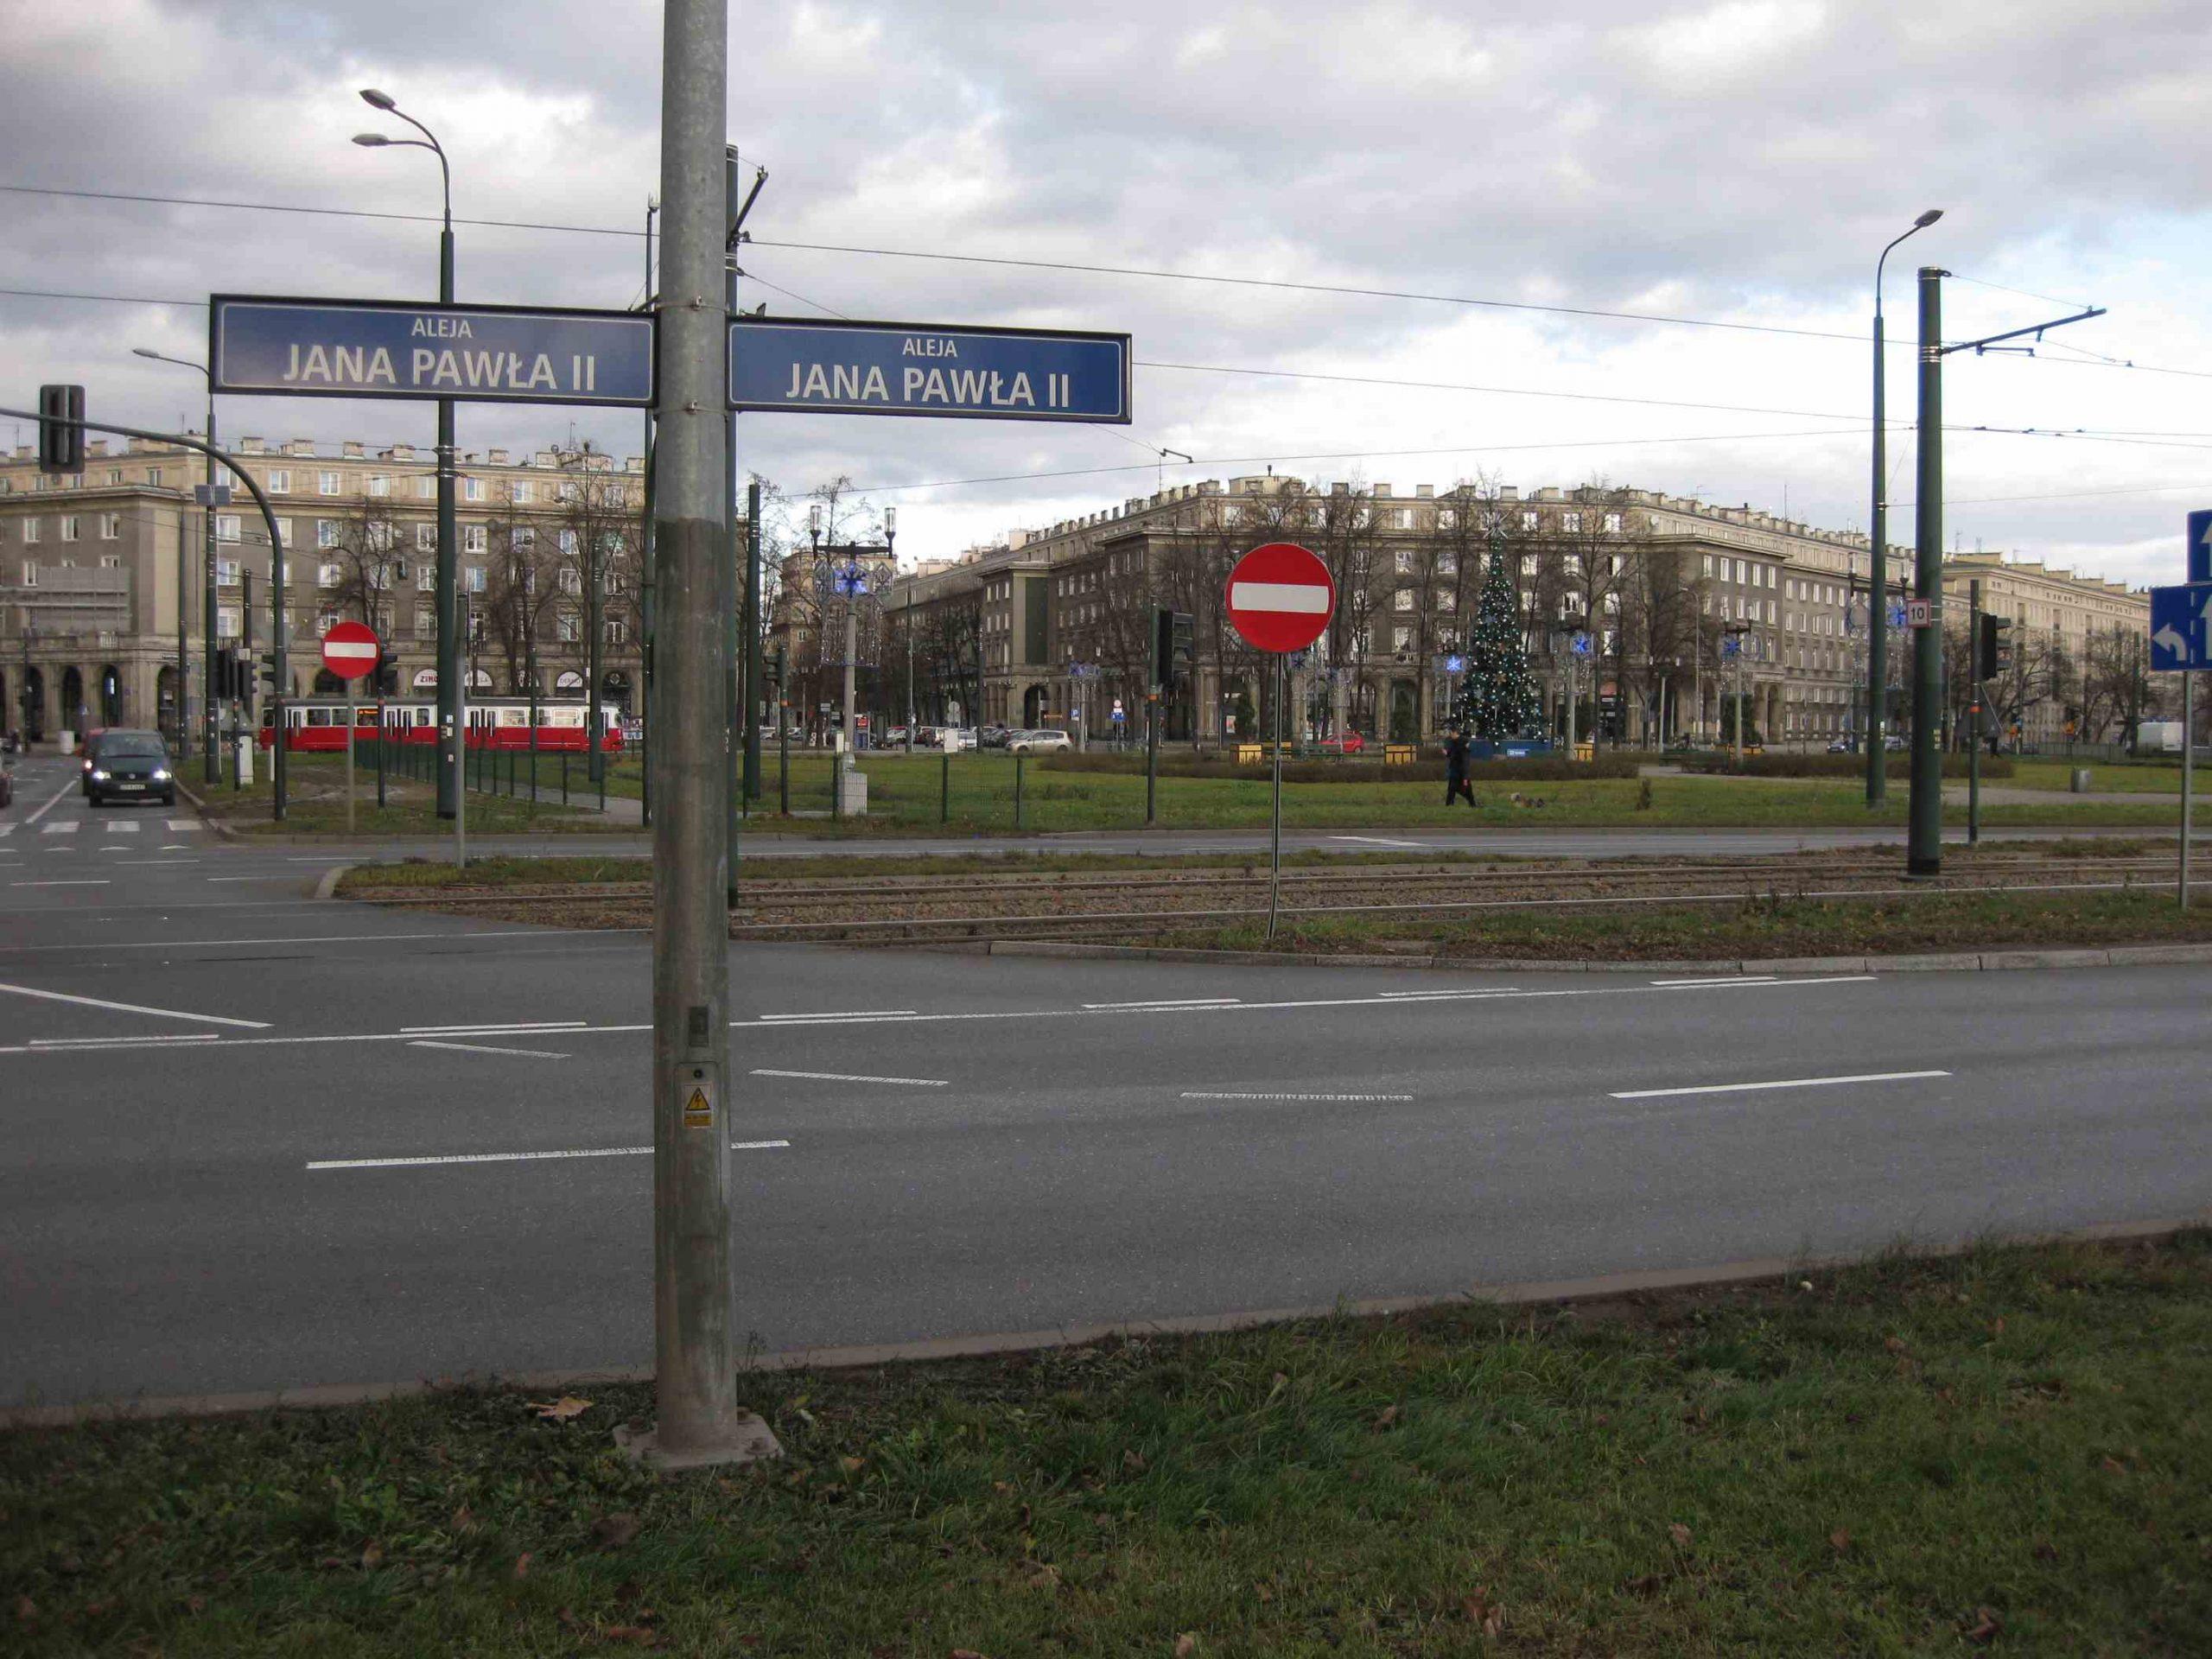 Krakau Nowa Huta Reagan Zentralplatz